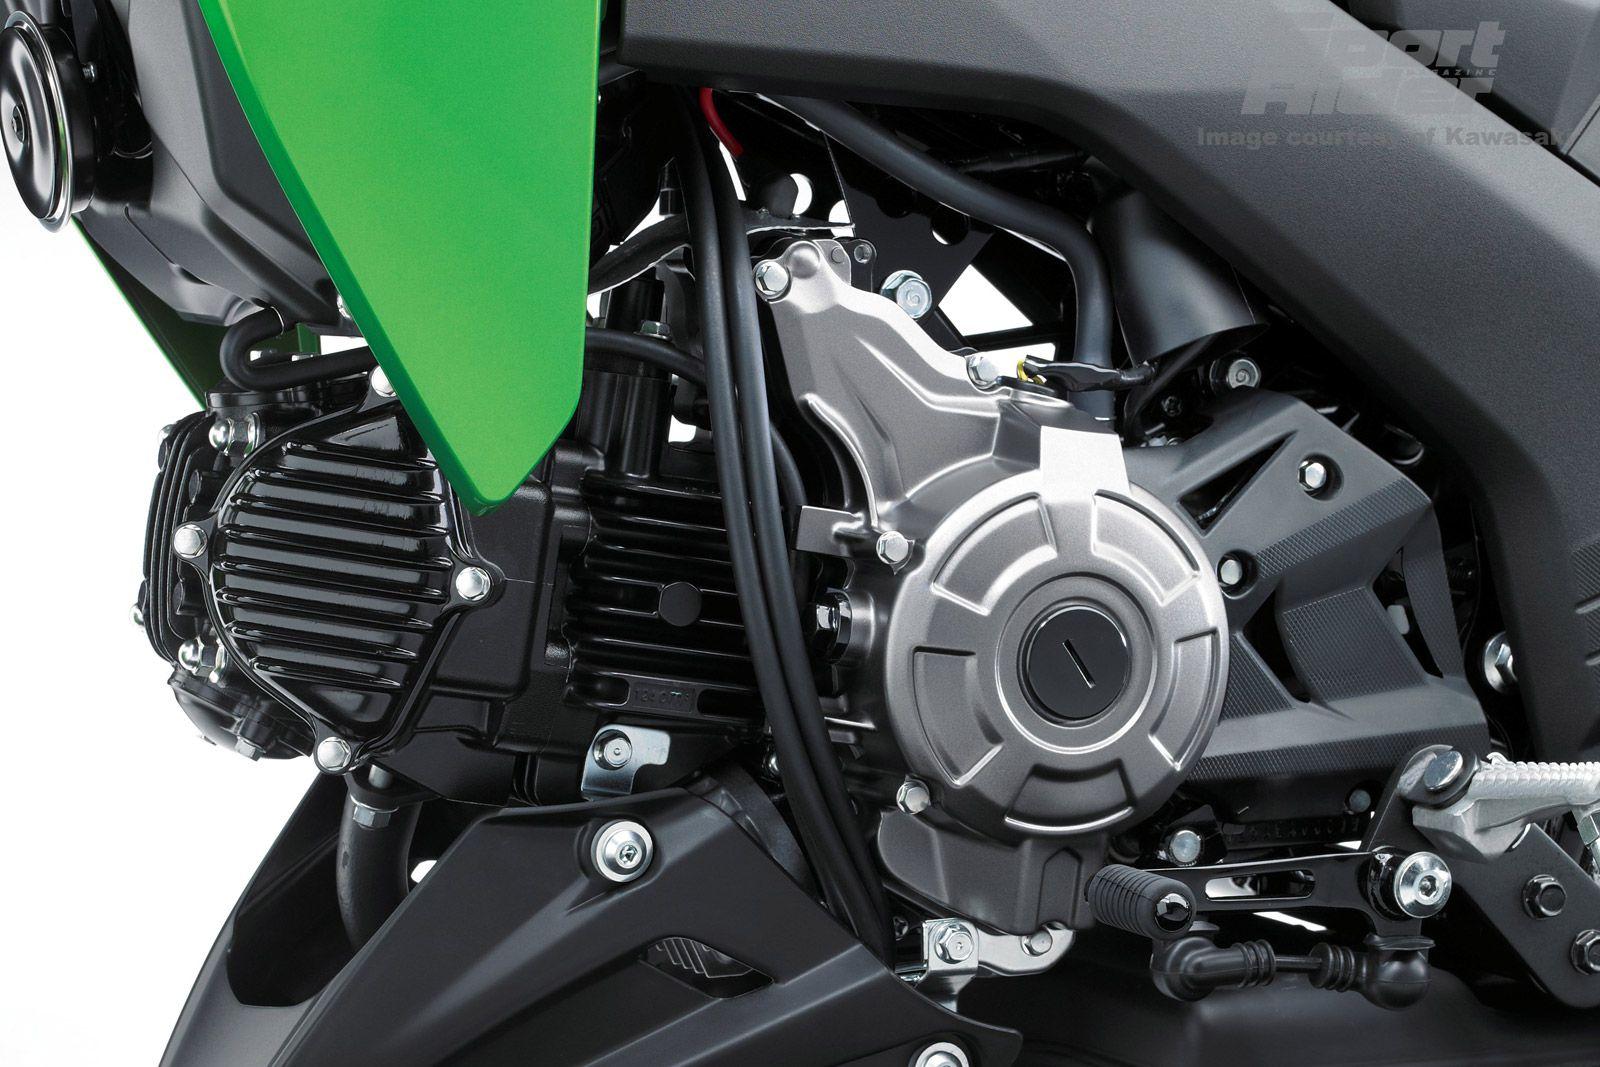 2017 Kawasaki Z125 PRO First Look | Cycle World